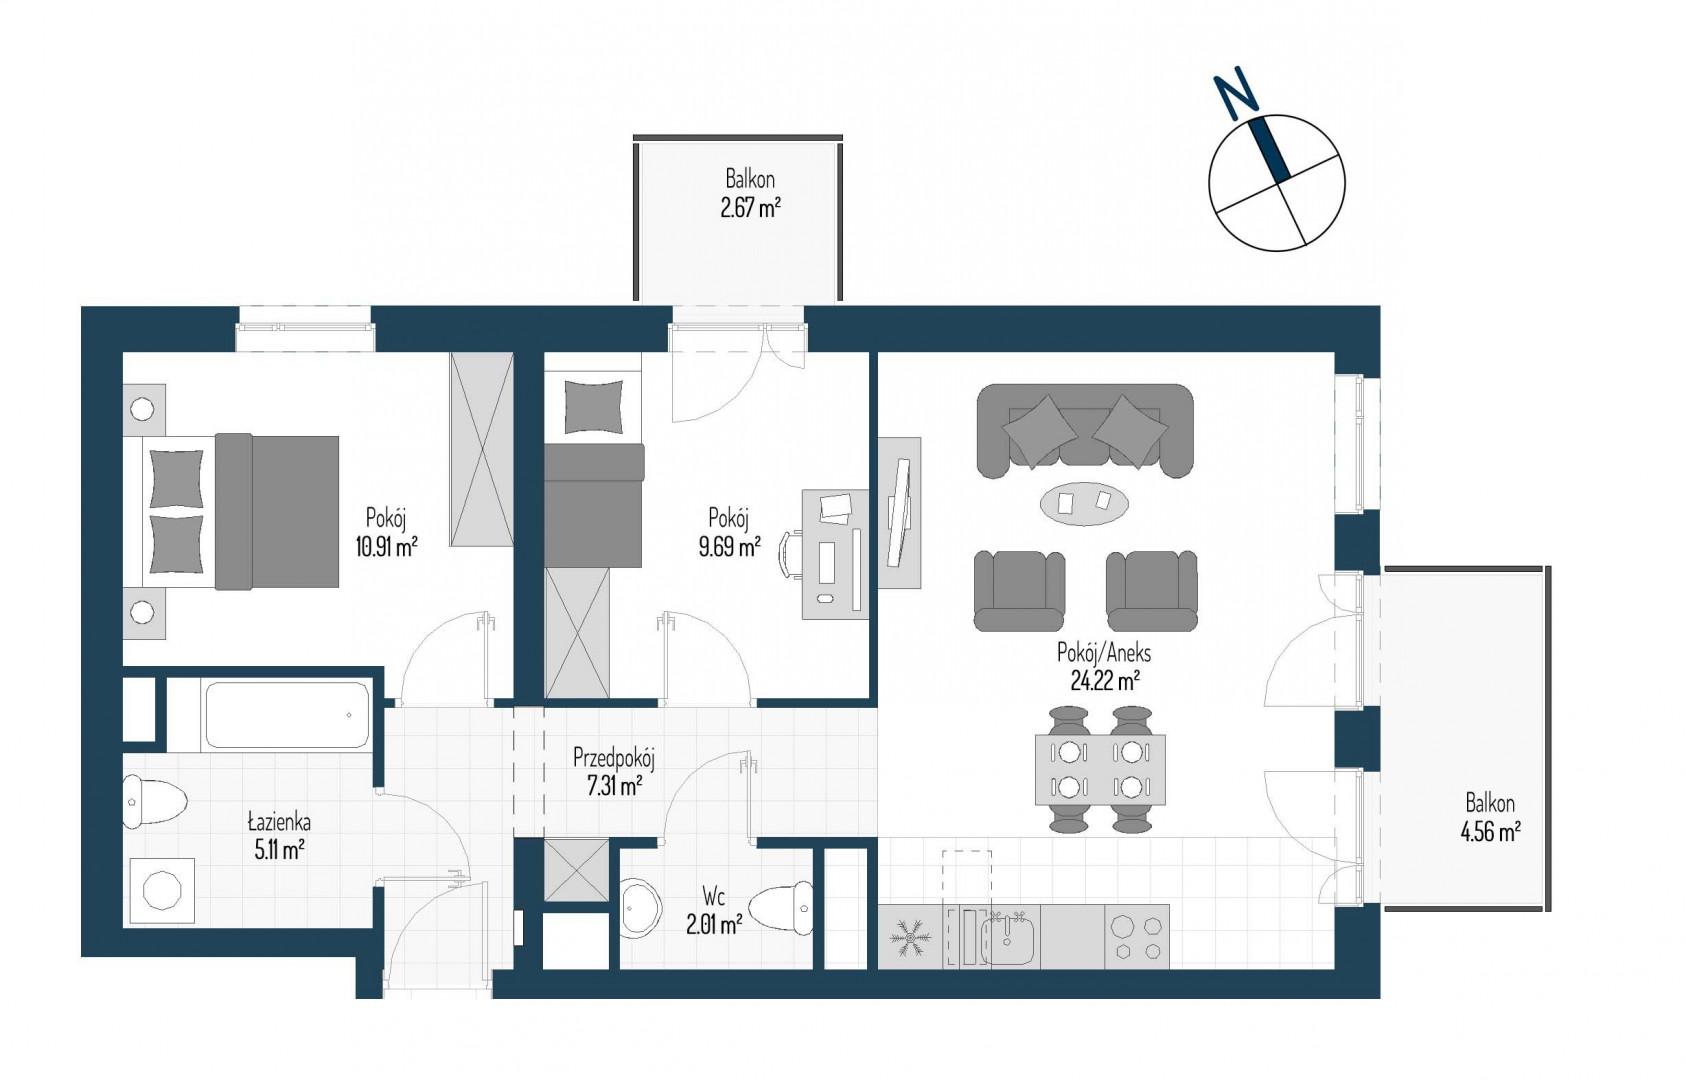 Zdrowe Stylove / budynek 1 / mieszkanie nr M65 rzut 1